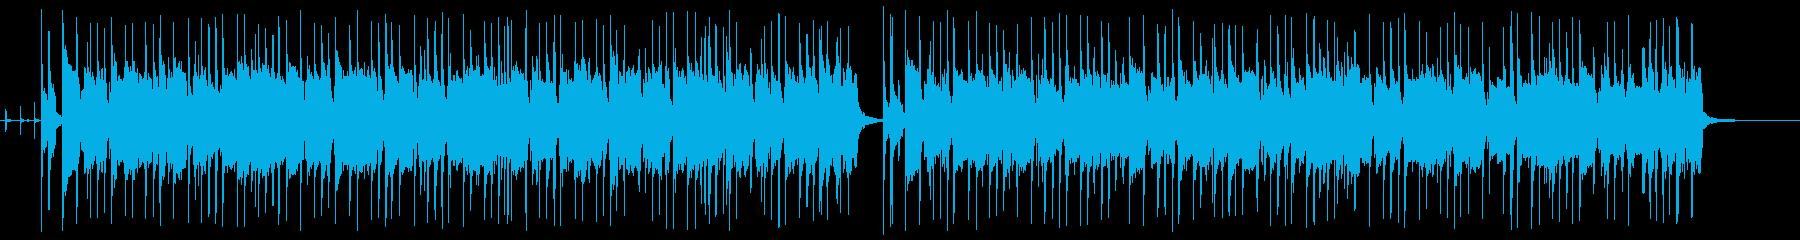 グルーヴィーでトリッピーなオルガン...の再生済みの波形